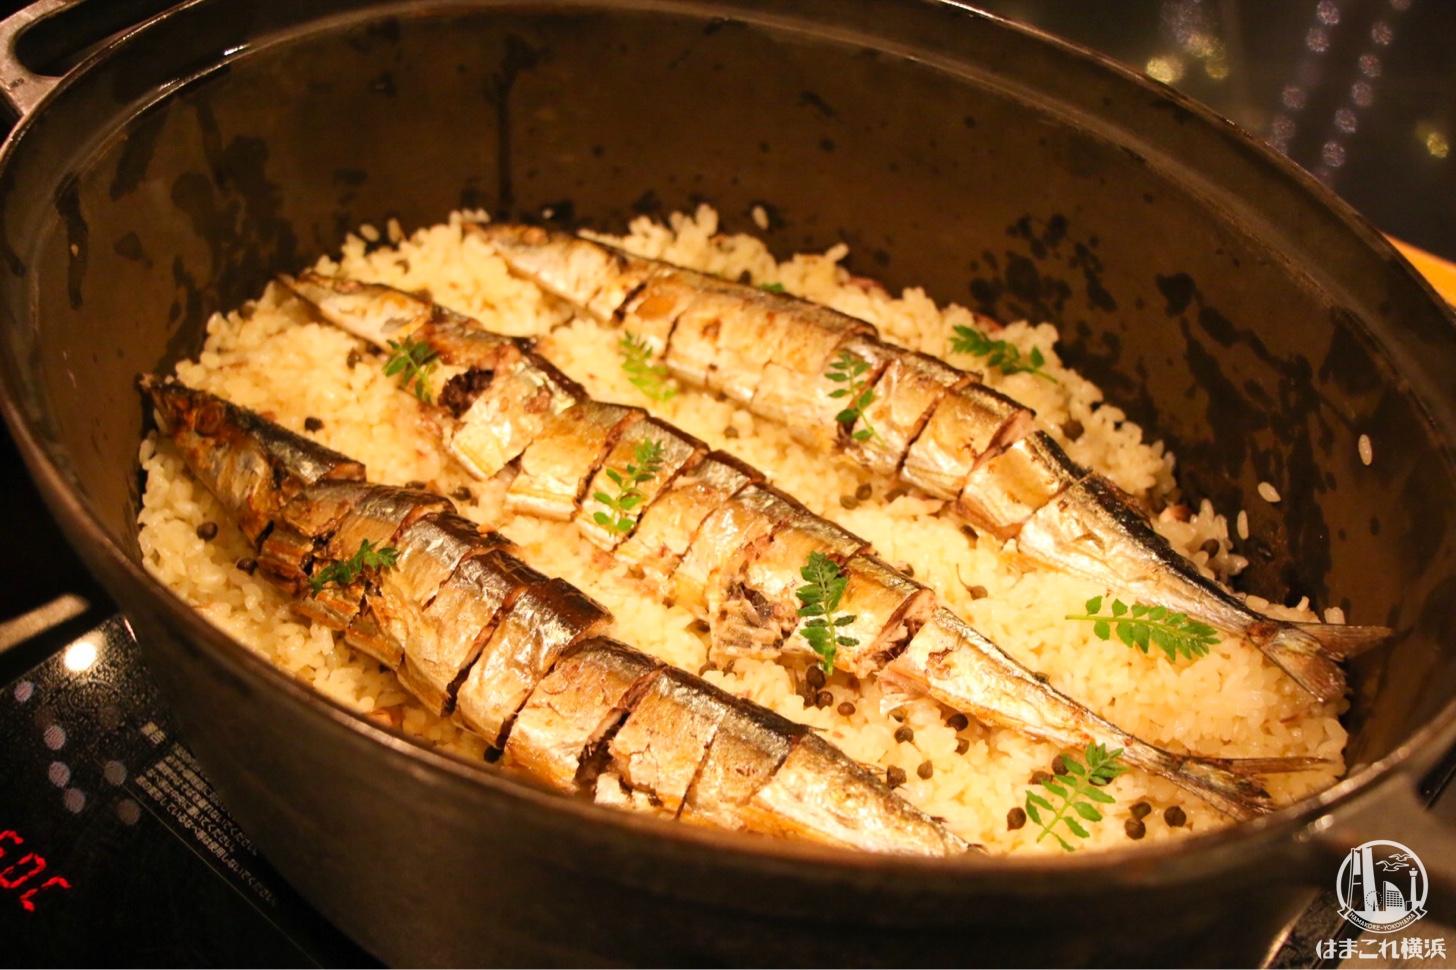 オホーツク産 道山さんの秋刀魚の糠漬けと千葉さんの山わさびのピラフ